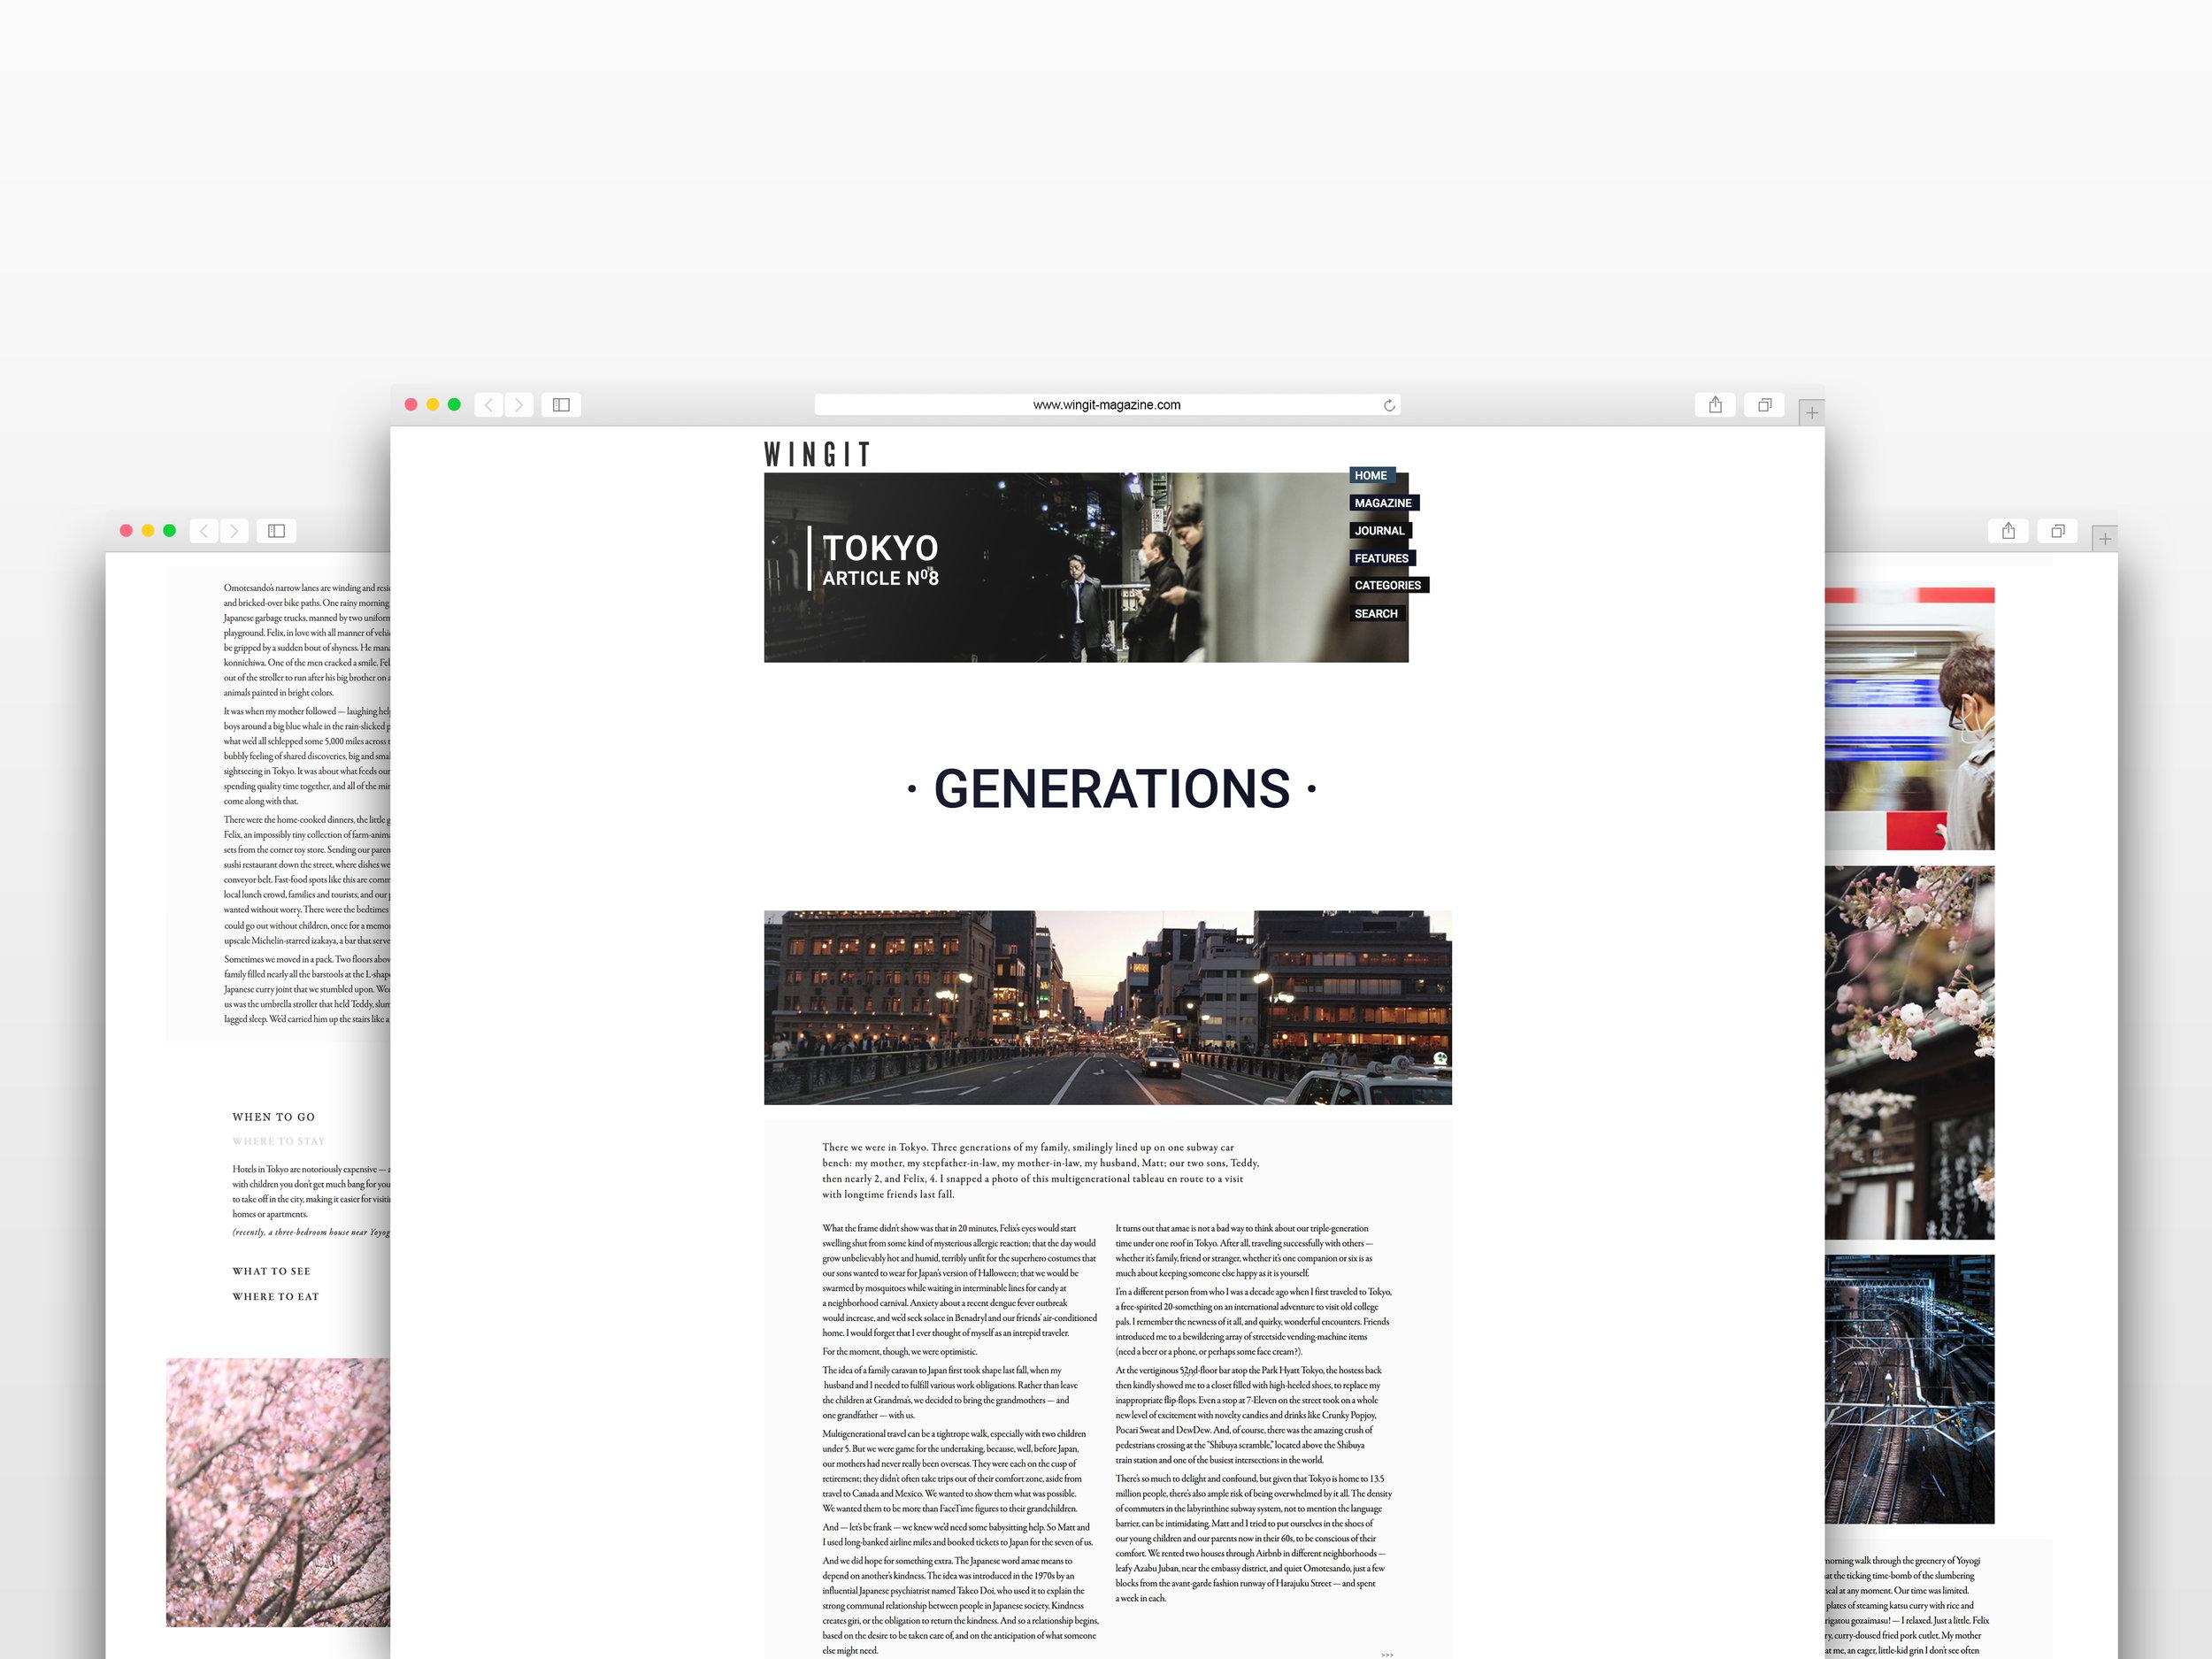 3 article.jpg